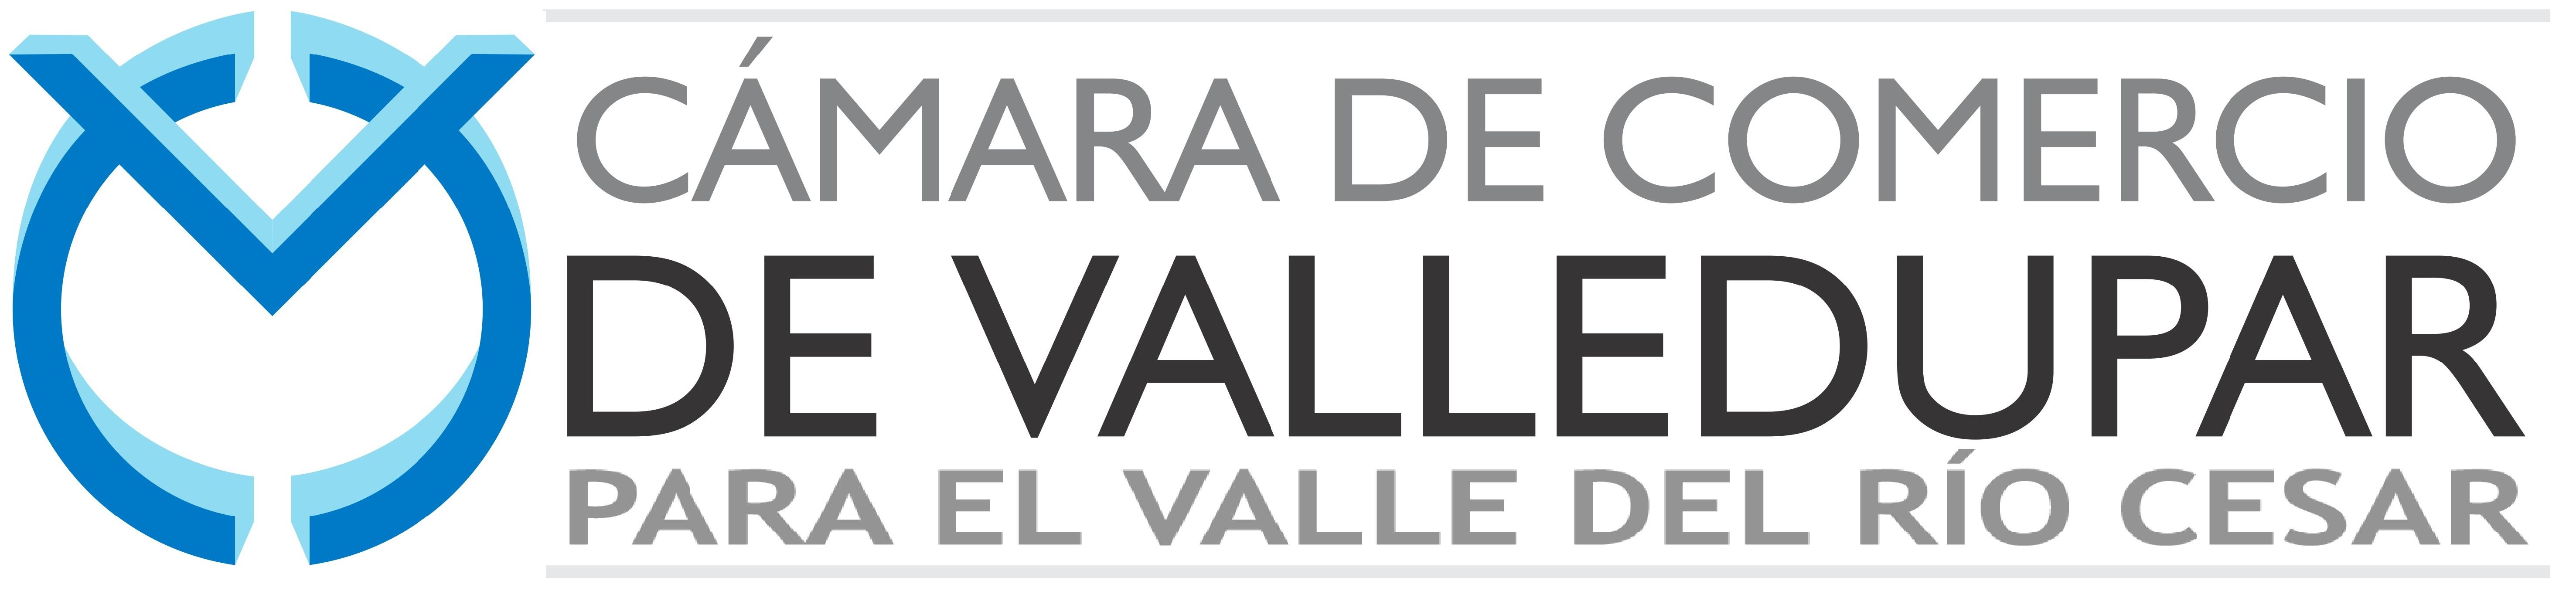 Cámara de Comercio de Valledupar para el Valle del Rio de Cesar